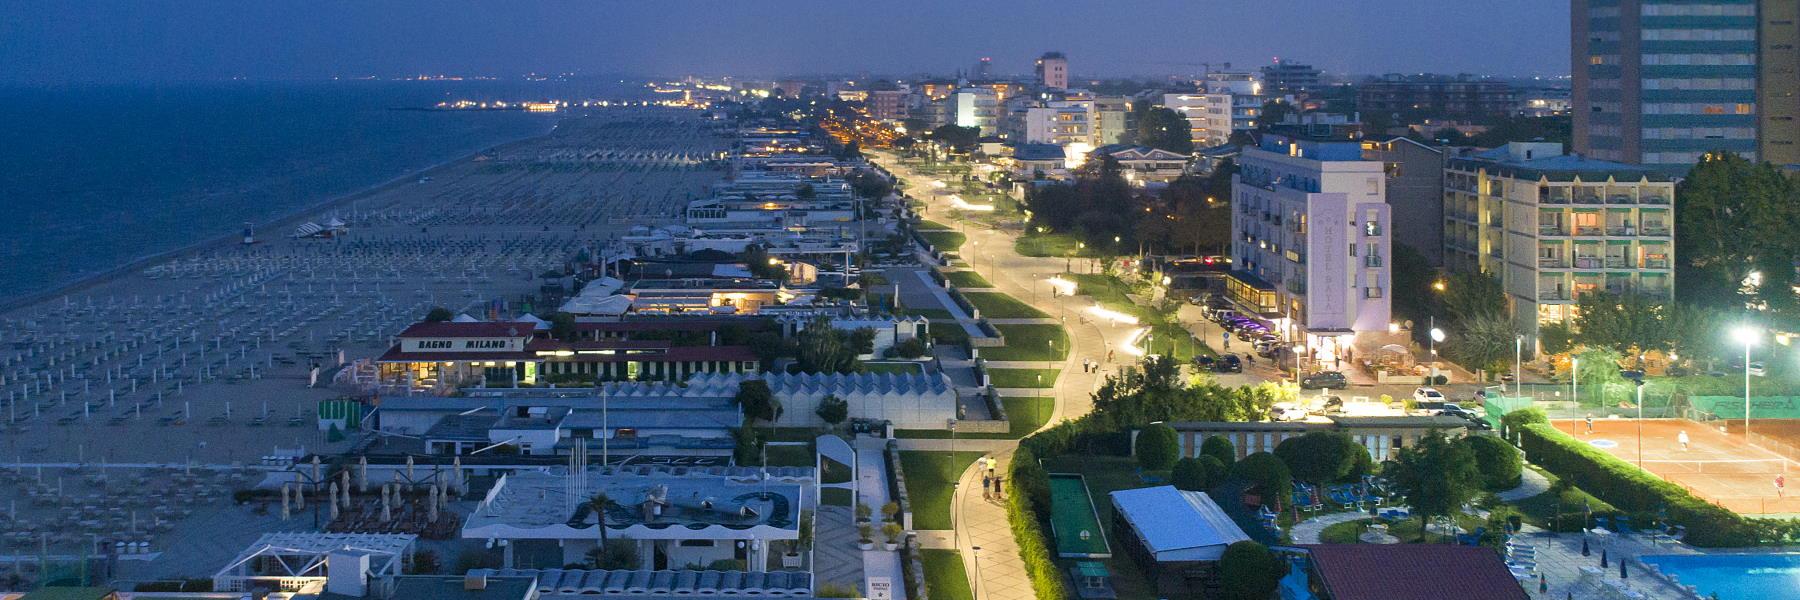 Hotels, Garni, Residences und andere Unterkünfte